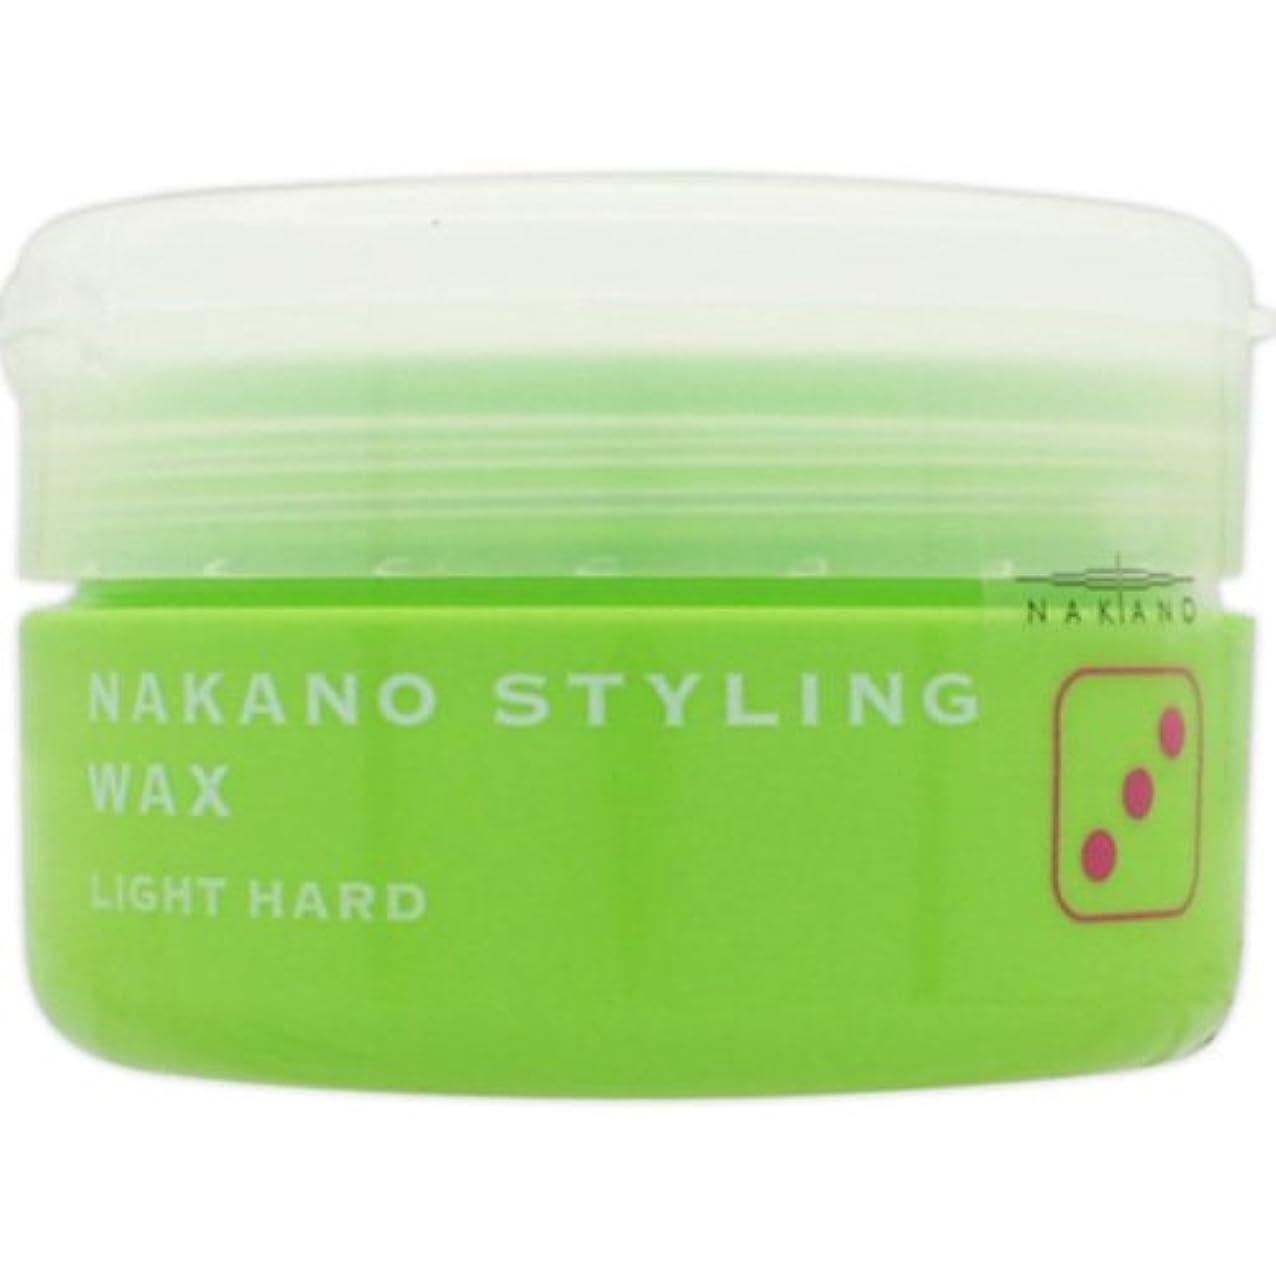 言い直す難民取り組むナカノ スタイリングワックス 3 ライトハード 90g 中野製薬 NAKANO [並行輸入品]